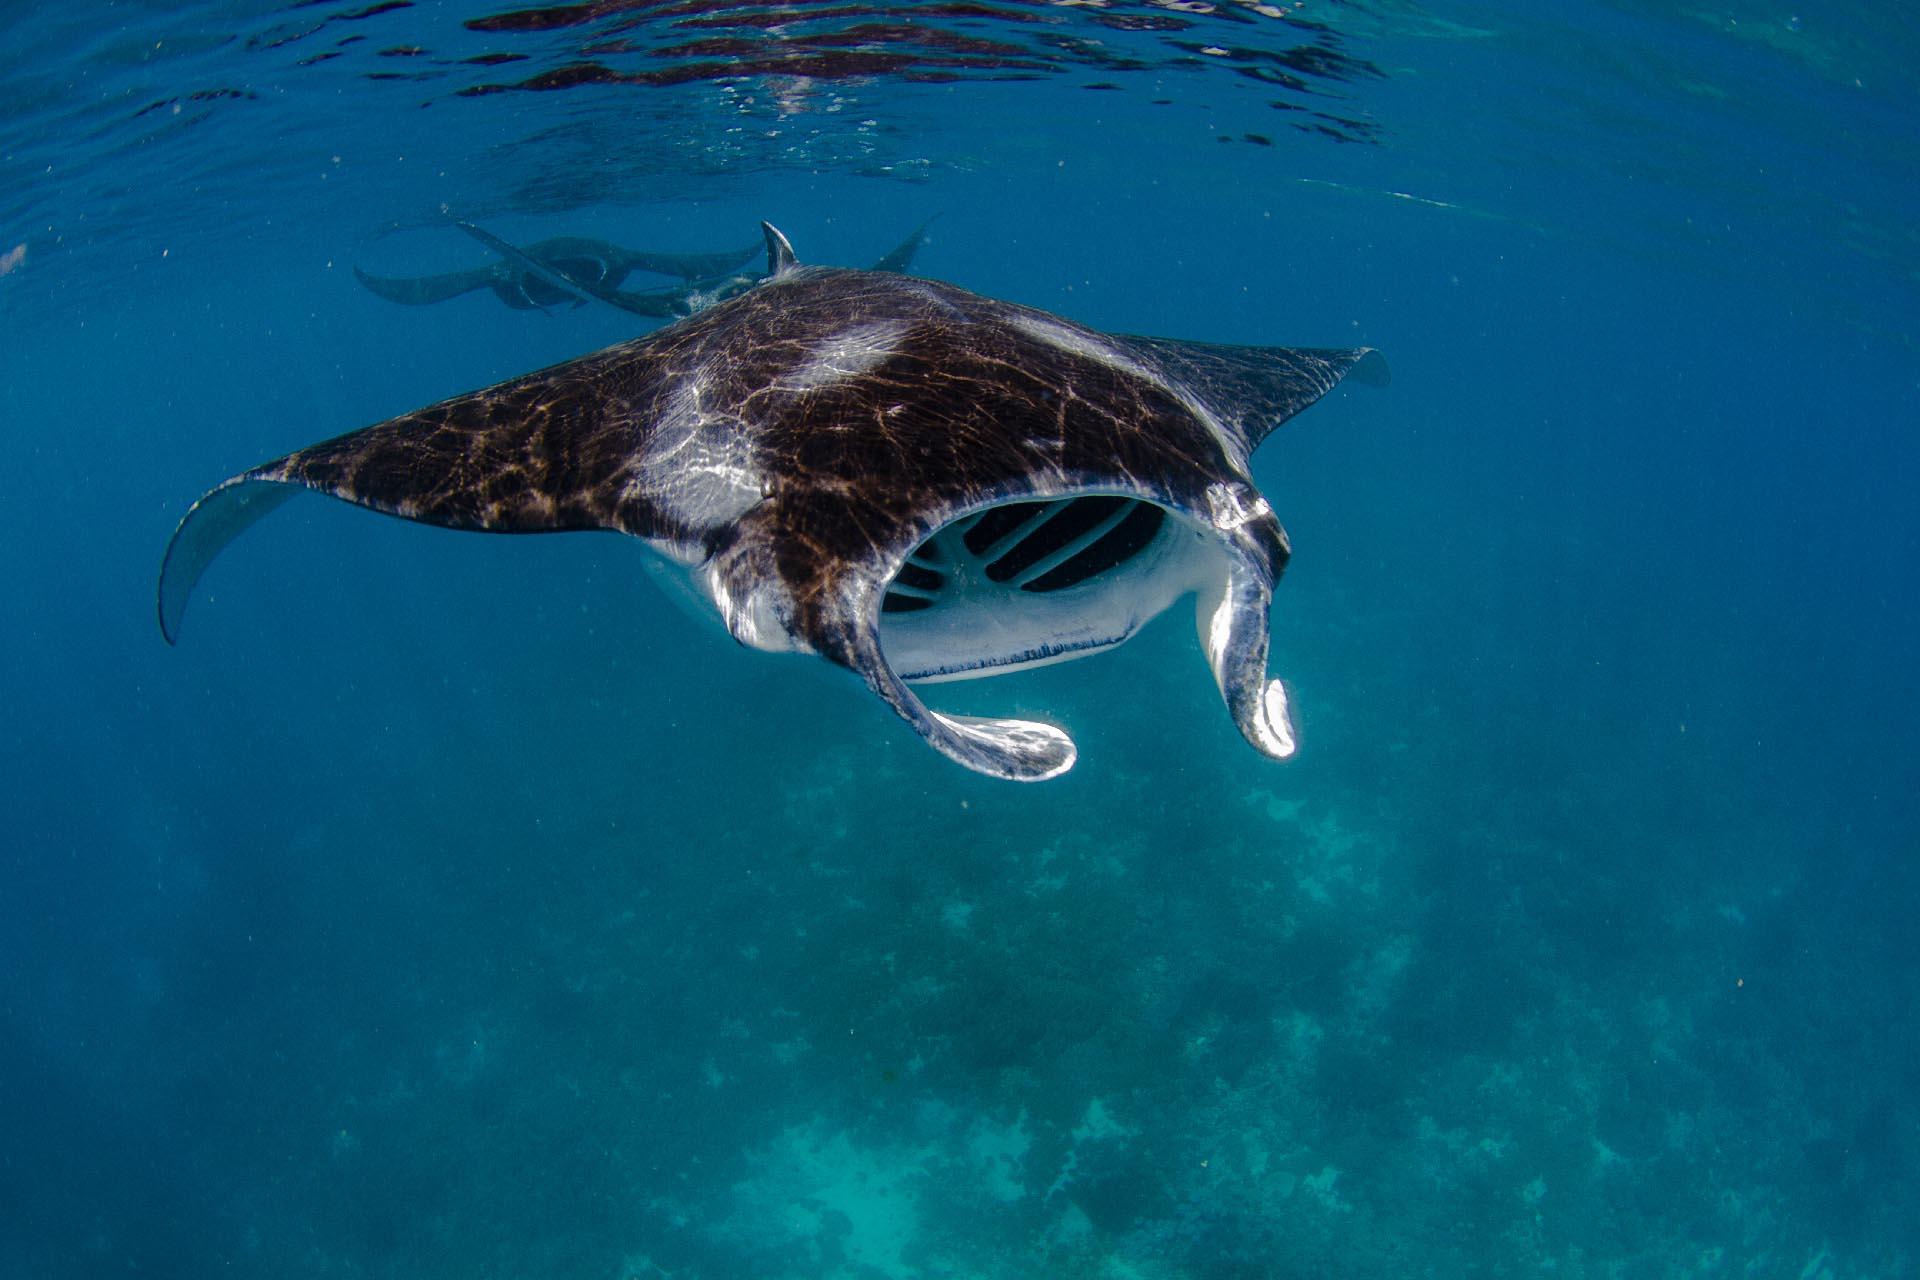 manta ray feeding on the surface